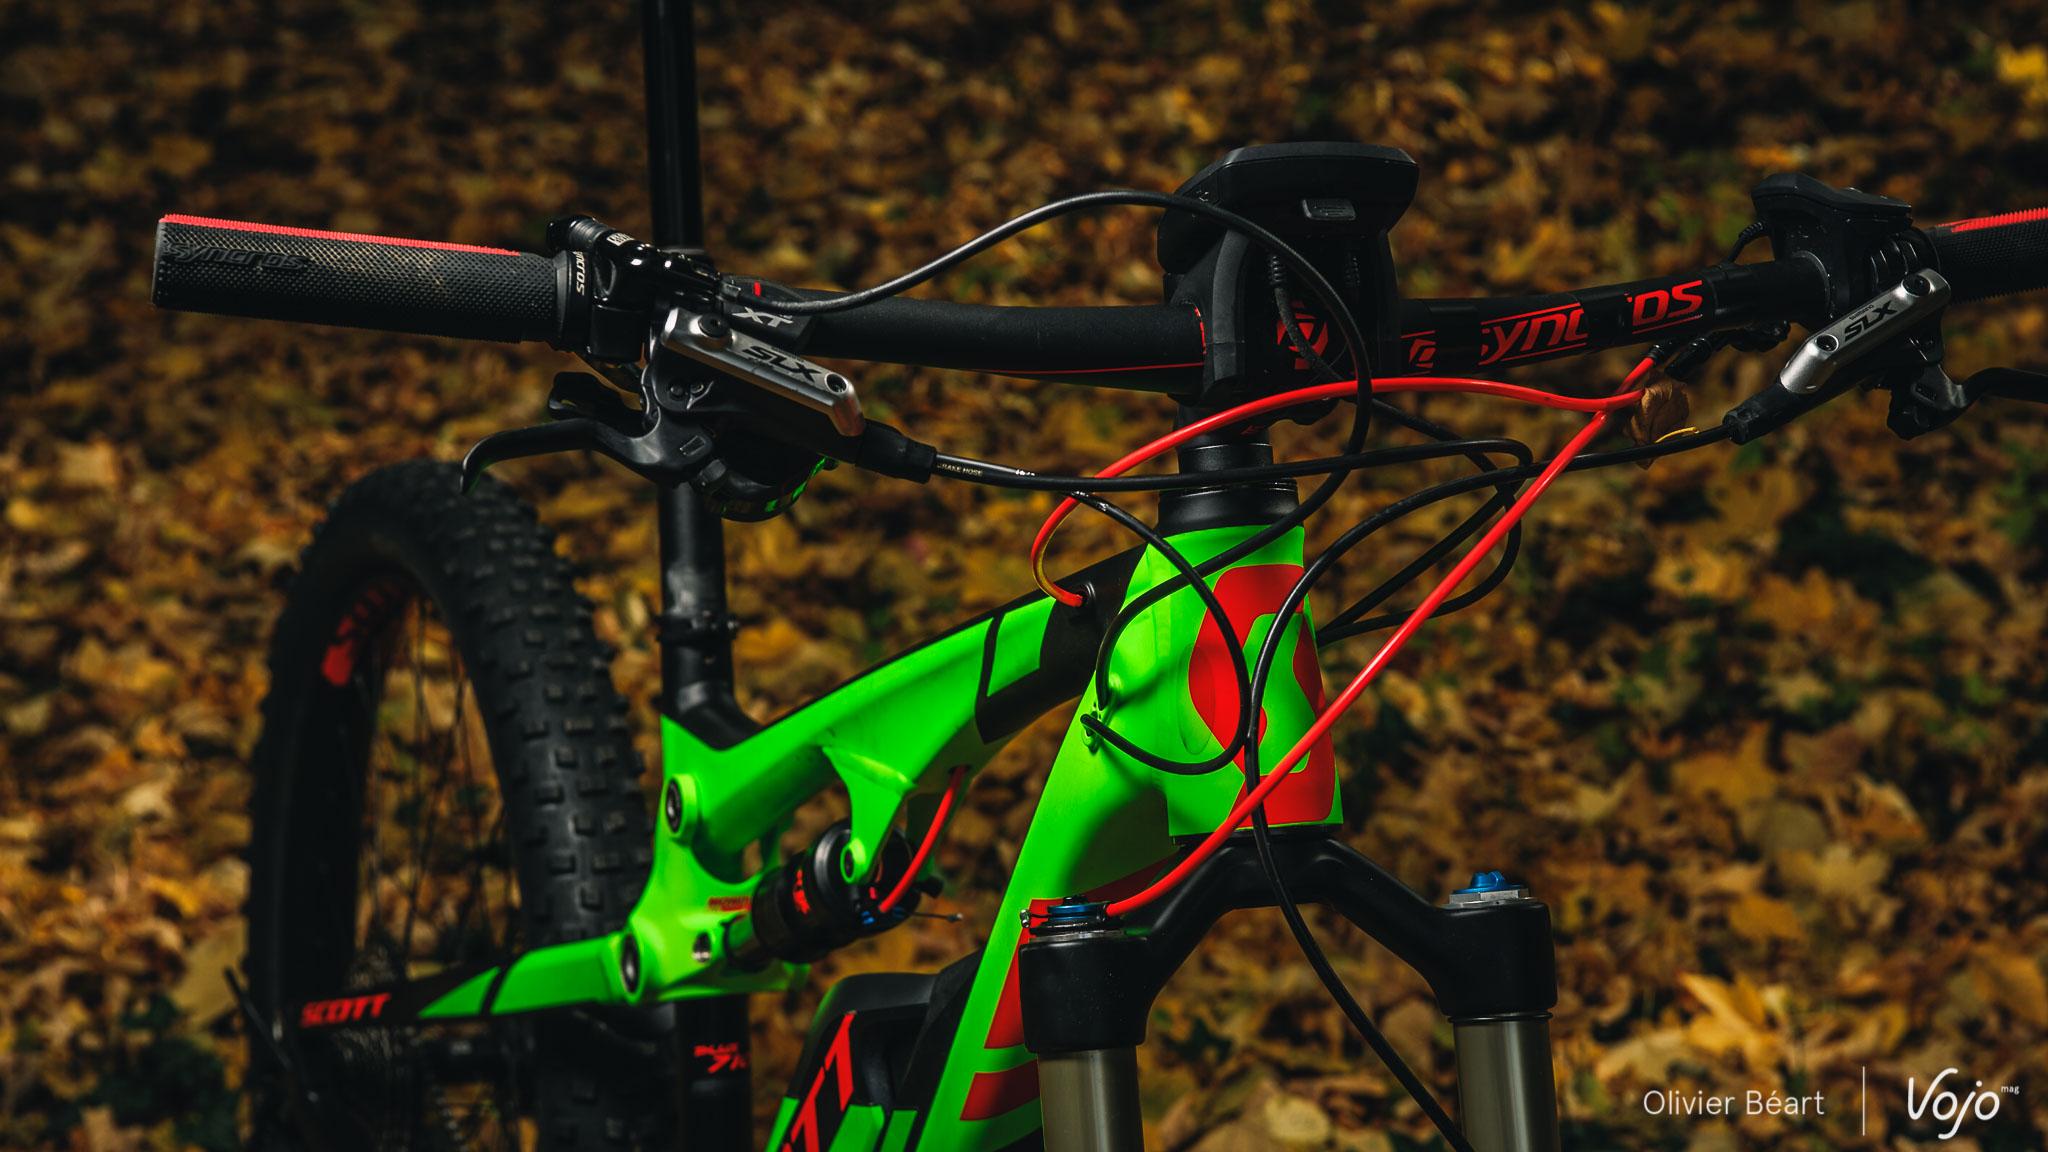 Scott_e_Genius_Test_b_Bicycle_VojoMag-2